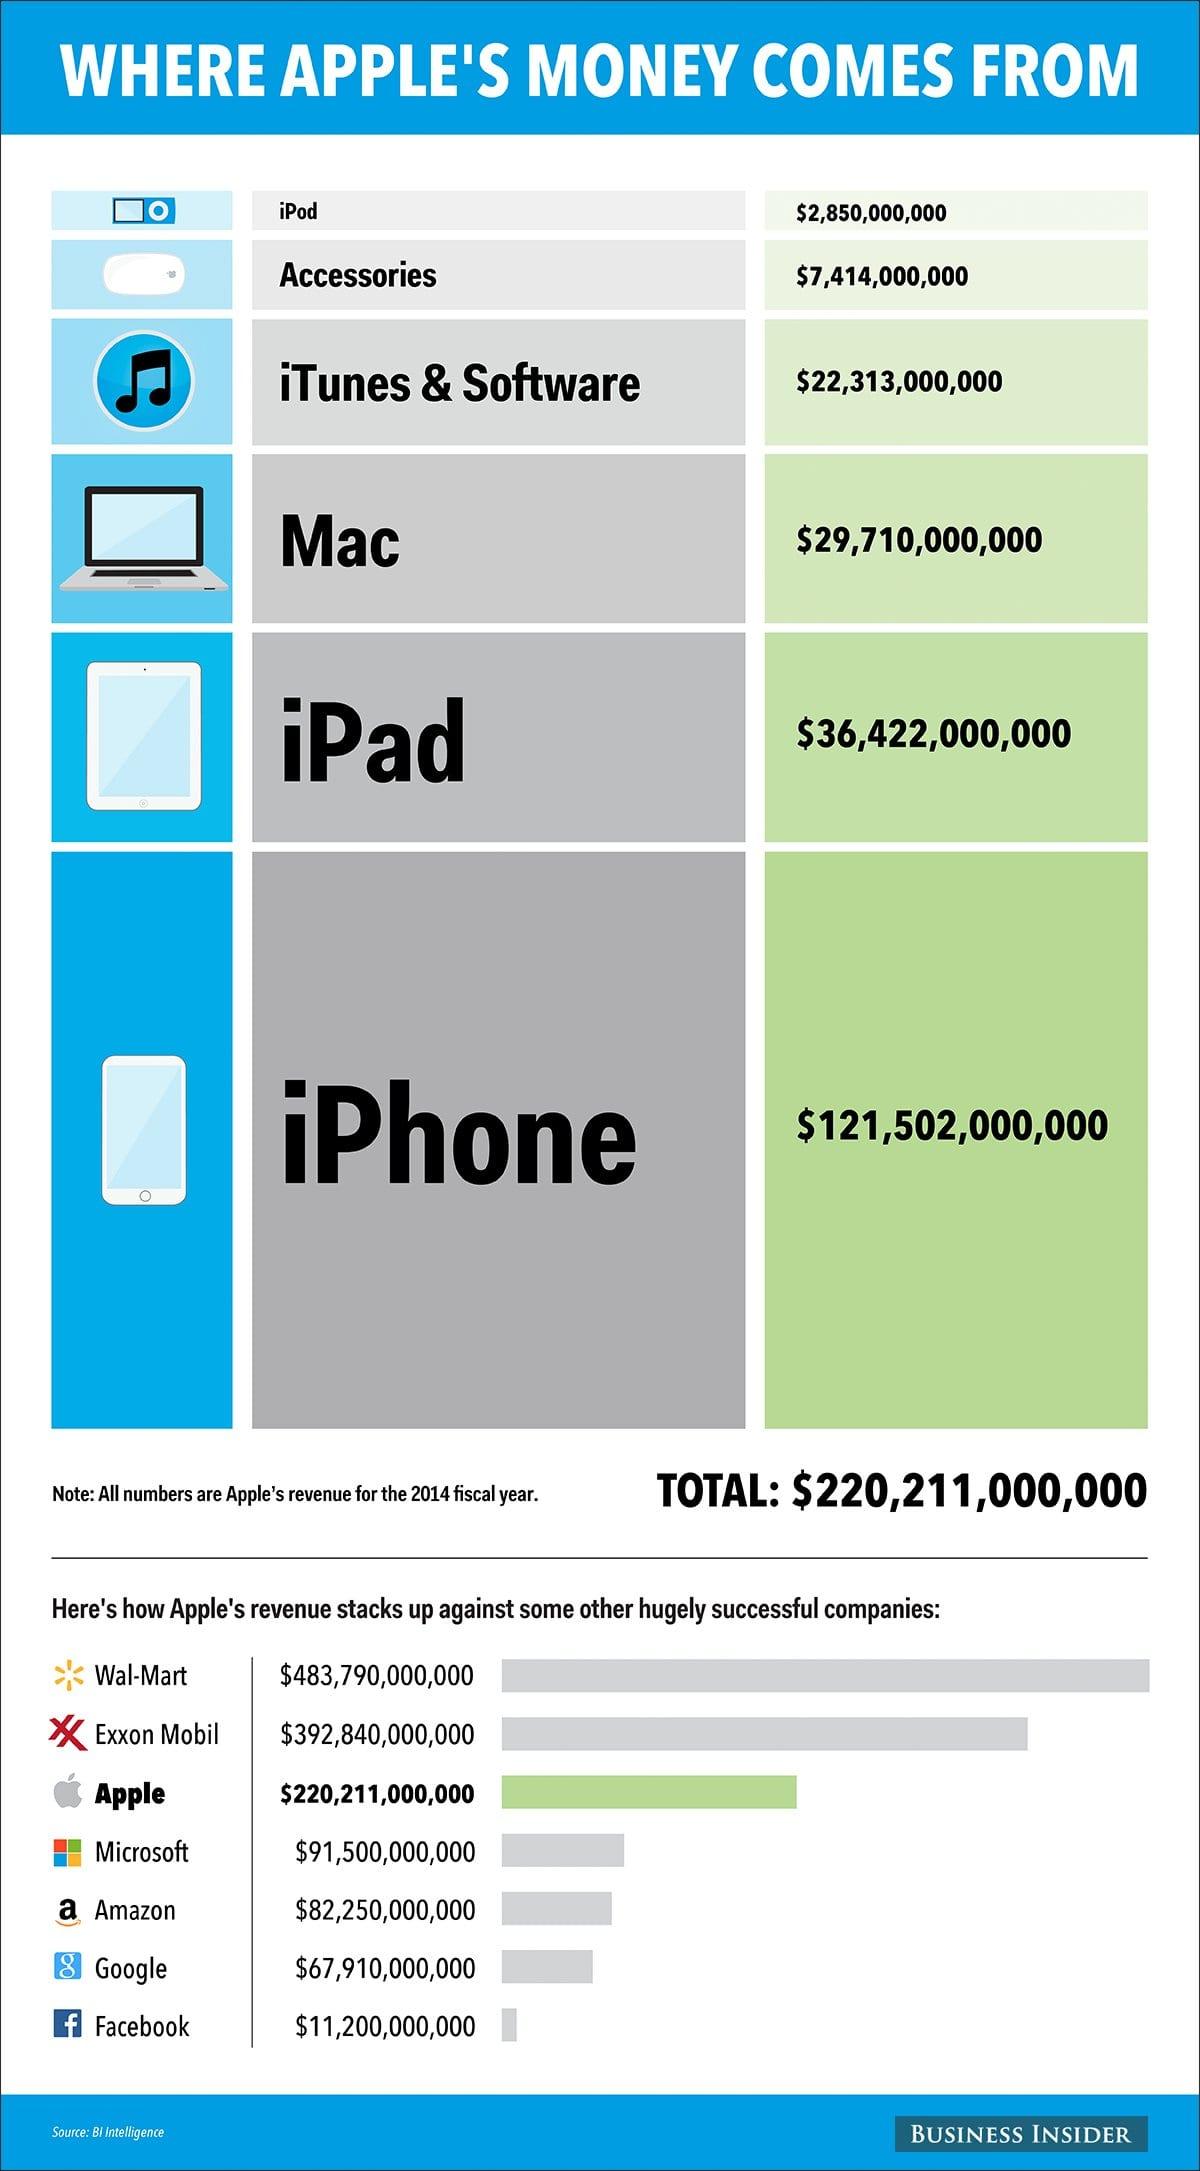 De donde procede el dinero de Apple